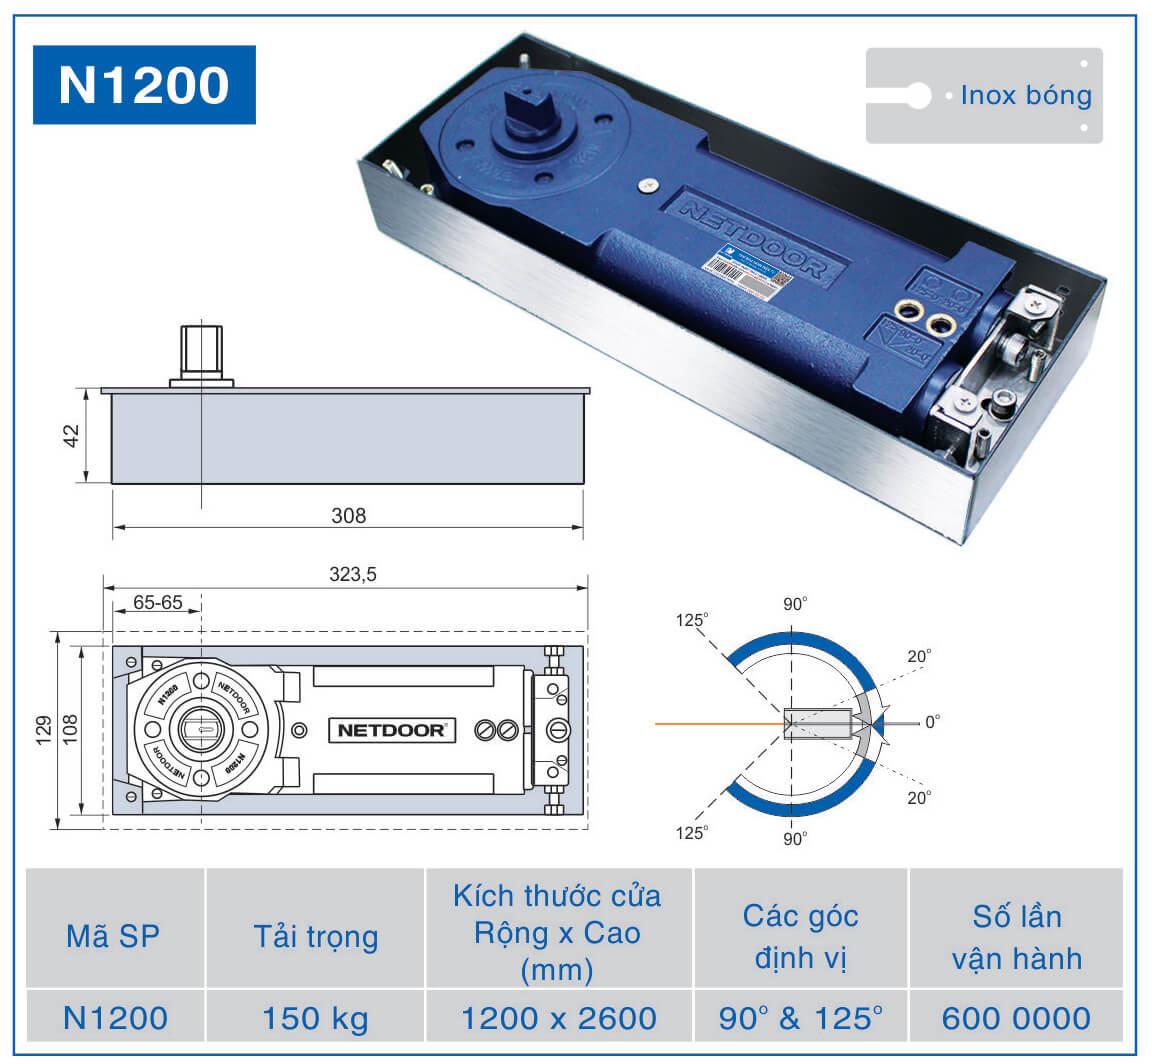 bản lề sàn netdoor n1200